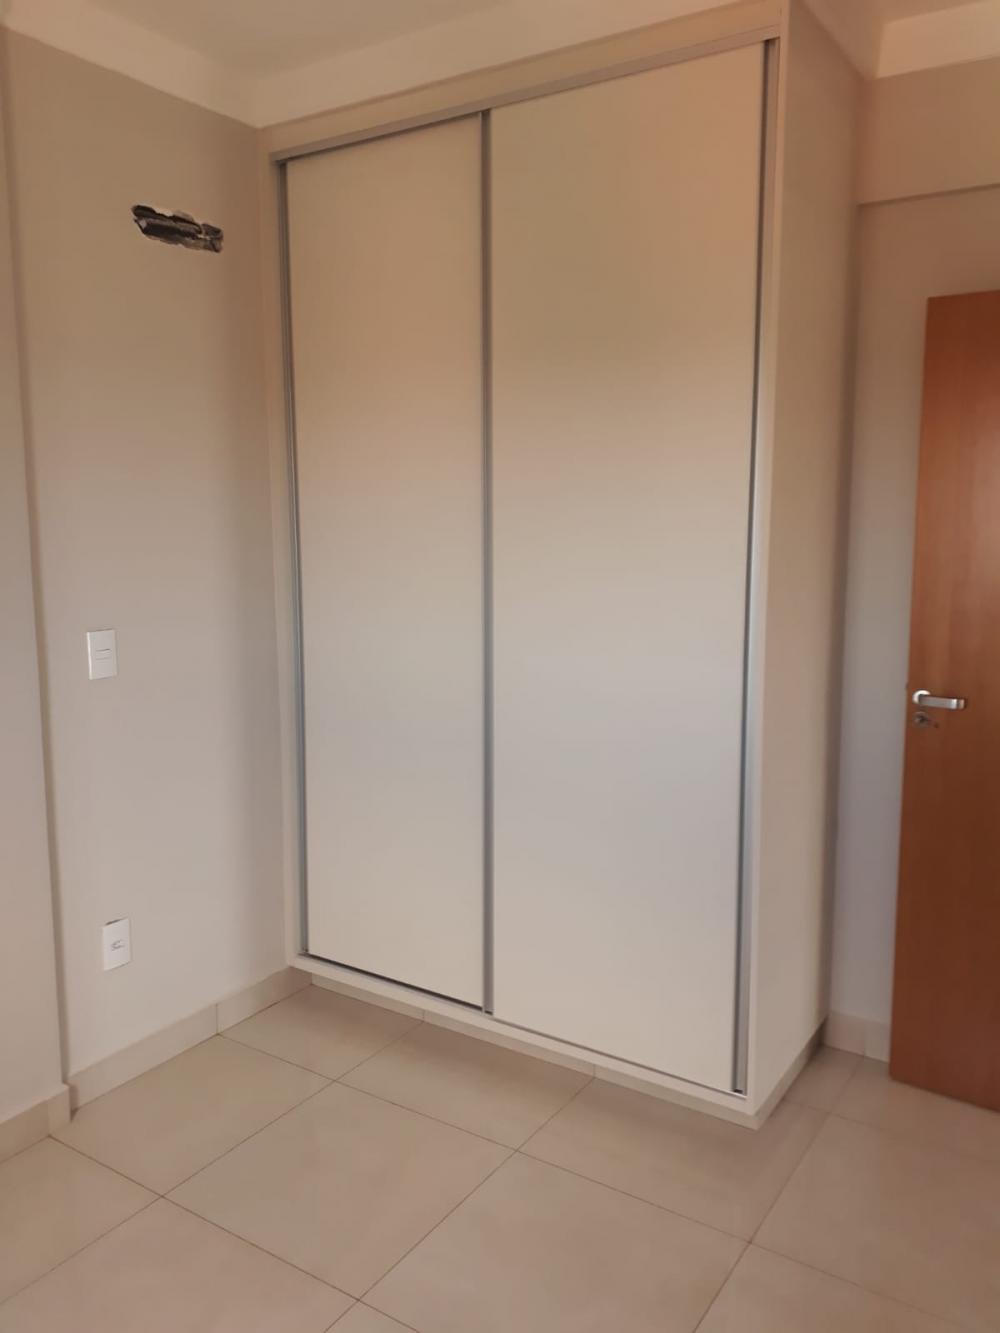 Alugar Apartamento / Padrão em São José do Rio Preto apenas R$ 1.600,00 - Foto 15